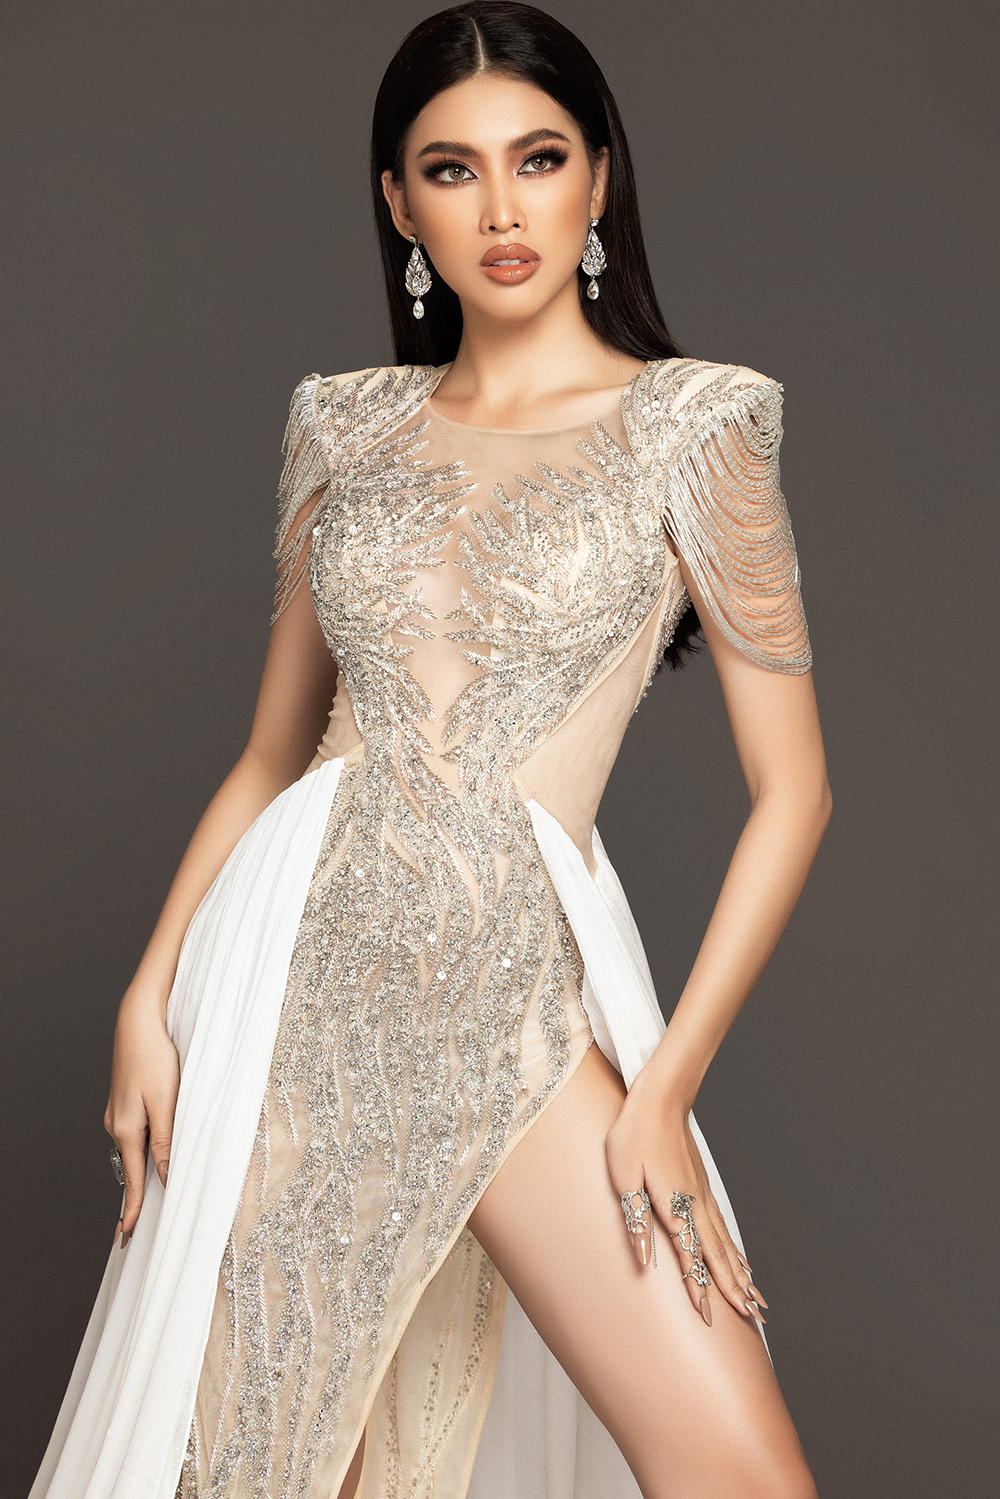 Lộ diện váy dạ hội mang thông điệp hòa bình của Ngọc Thảo tại bán kết Miss Grand ảnh 5